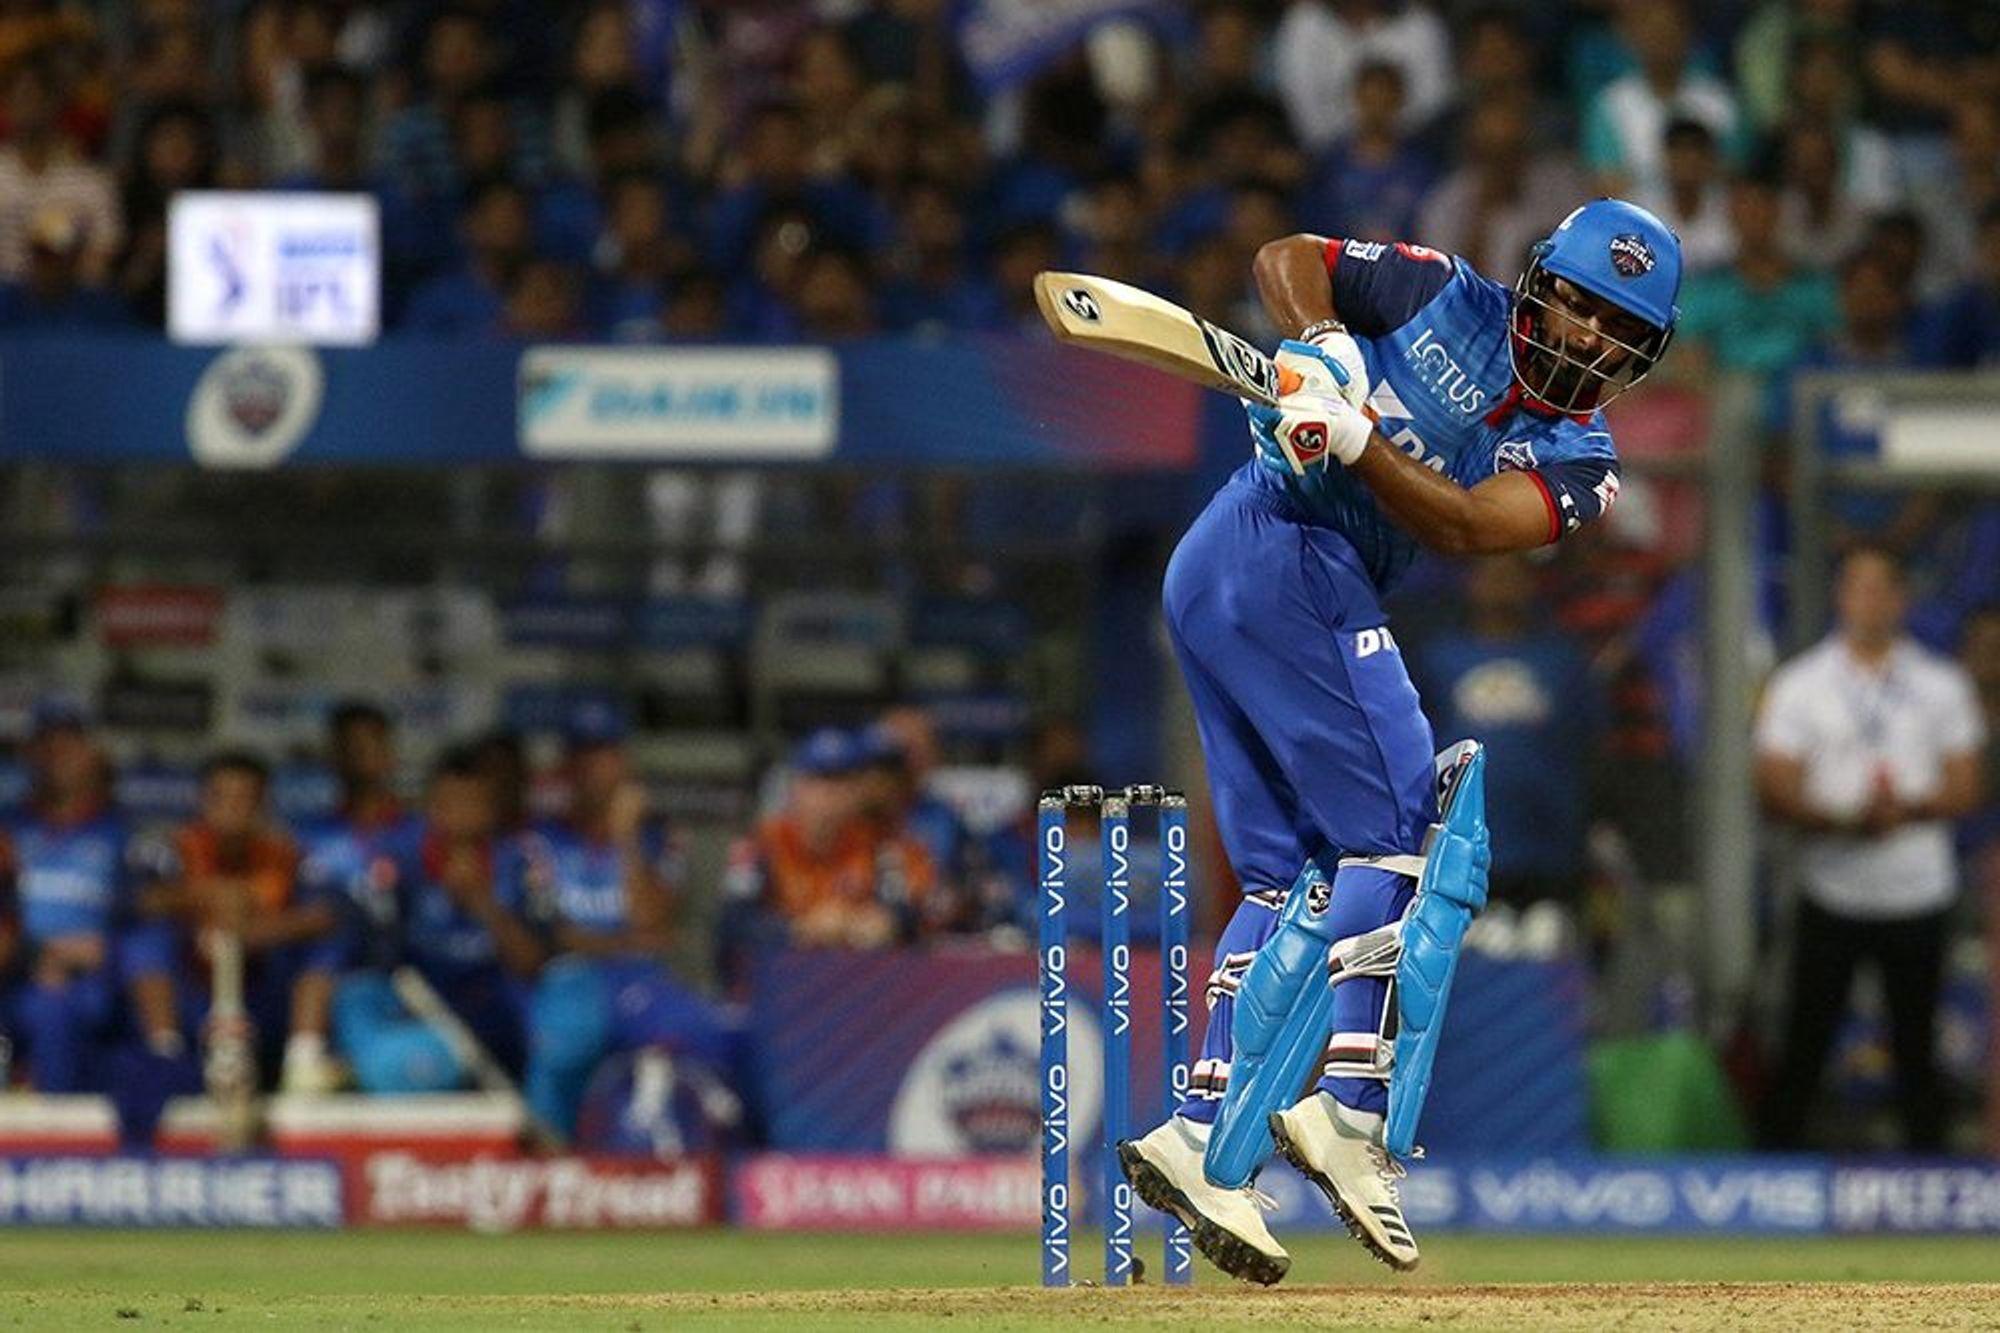 आईपीएल 2019: ललित मोदी ने उठाएं आईपीएल के इस मैच पर सवाल, कहा ये तो फिक्सिंग है 49